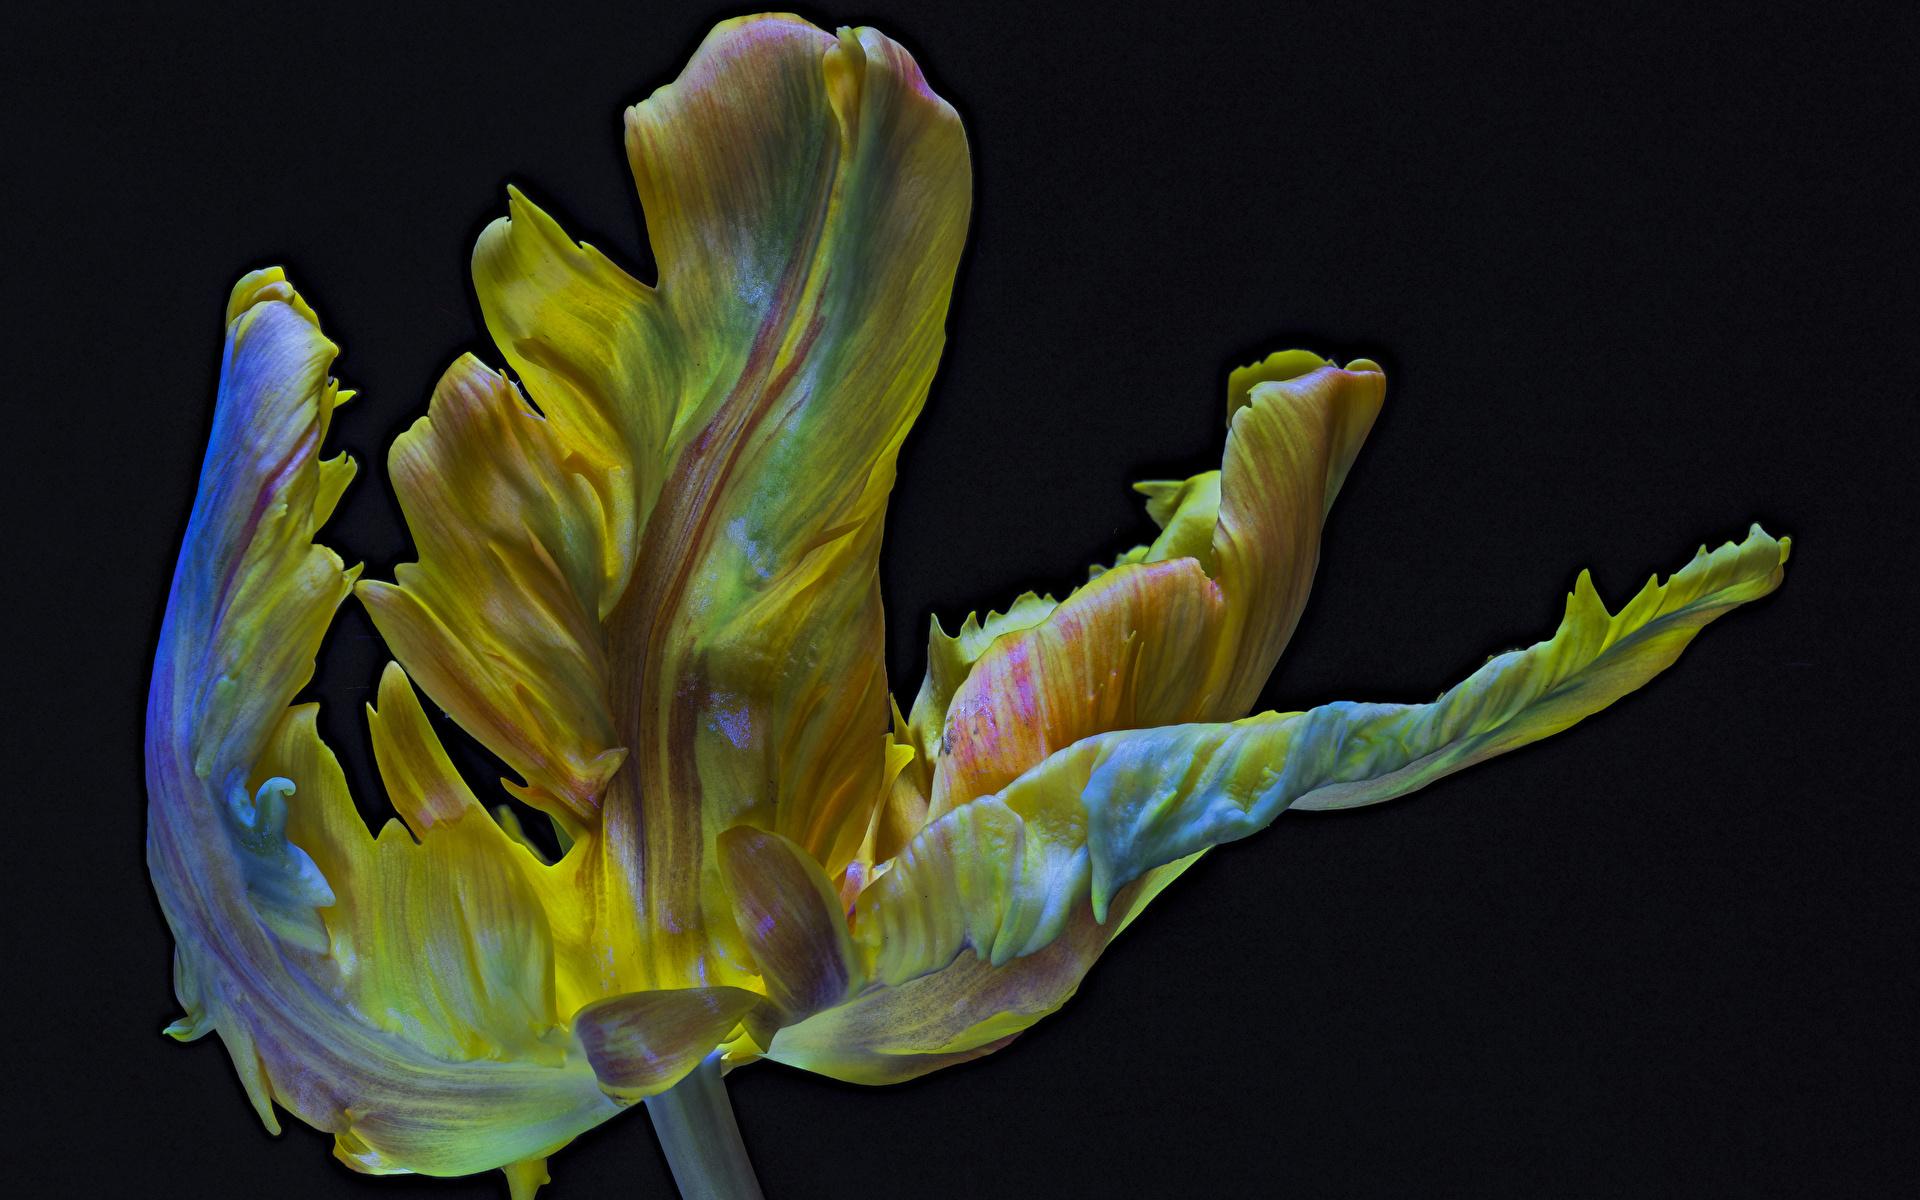 Обои Parrot Tulip Тюльпаны Цветы вблизи Черный фон 1920x1200 Крупным планом